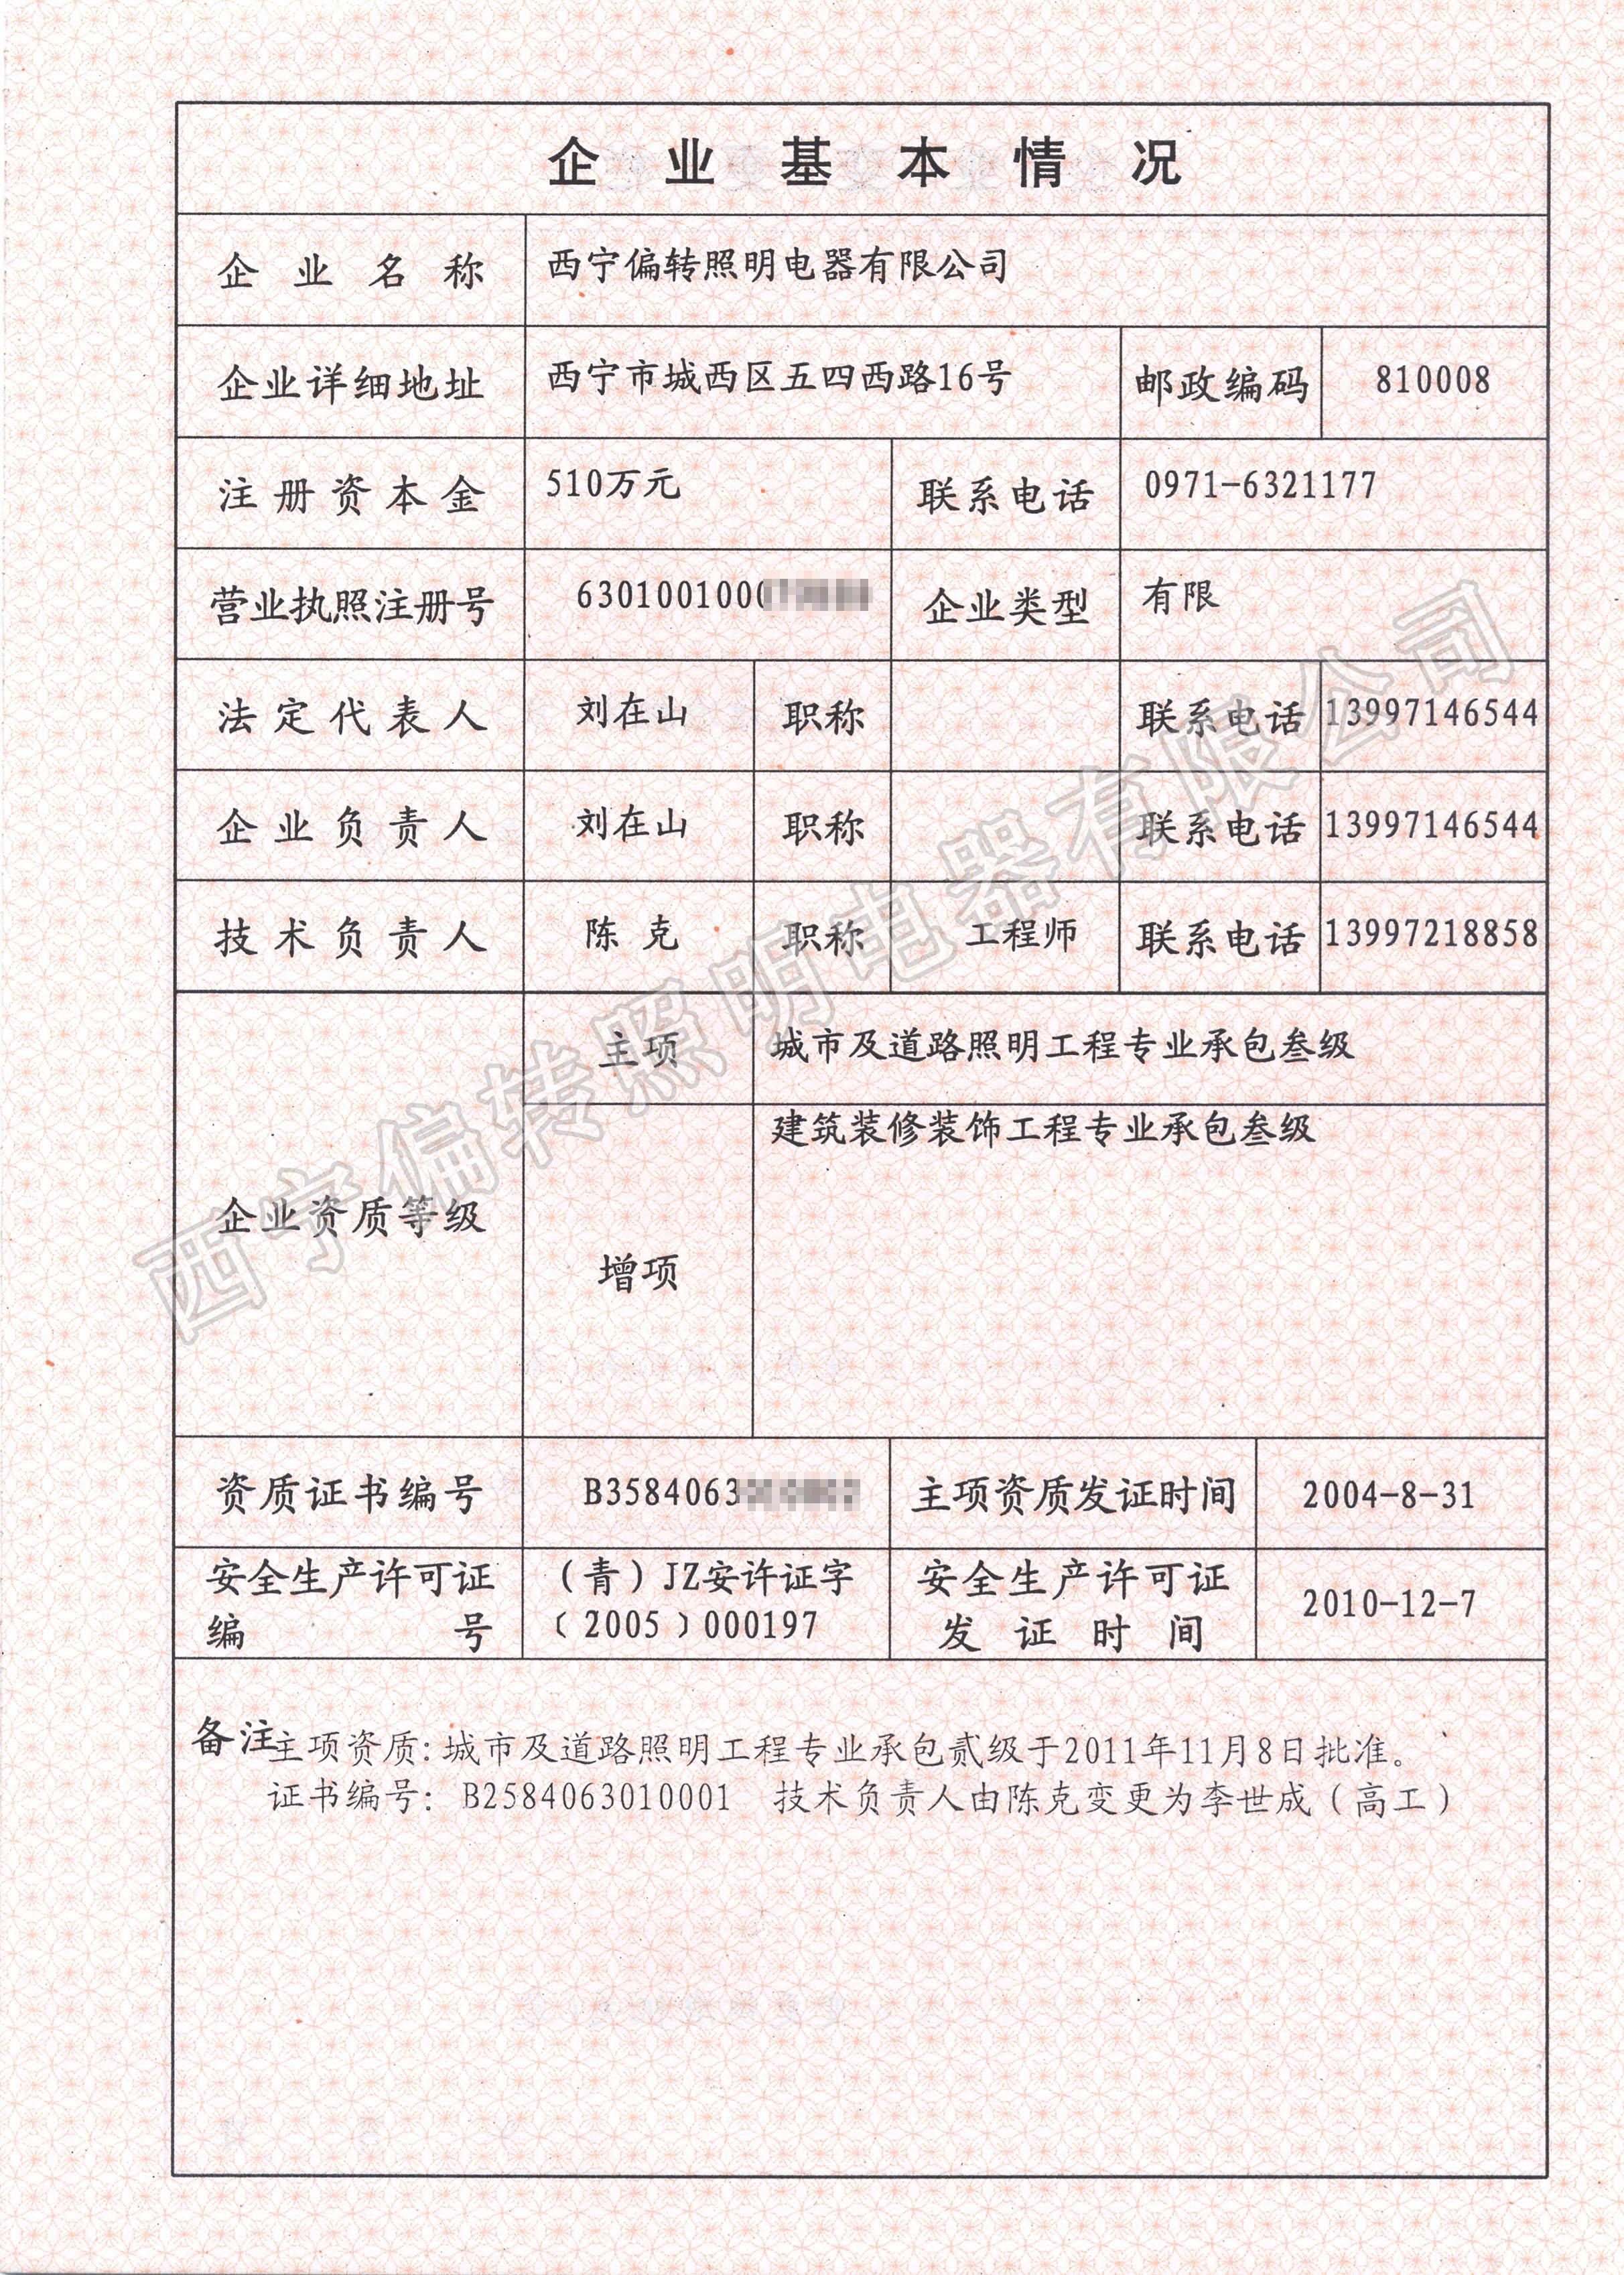 业绩考核2(新).jpg